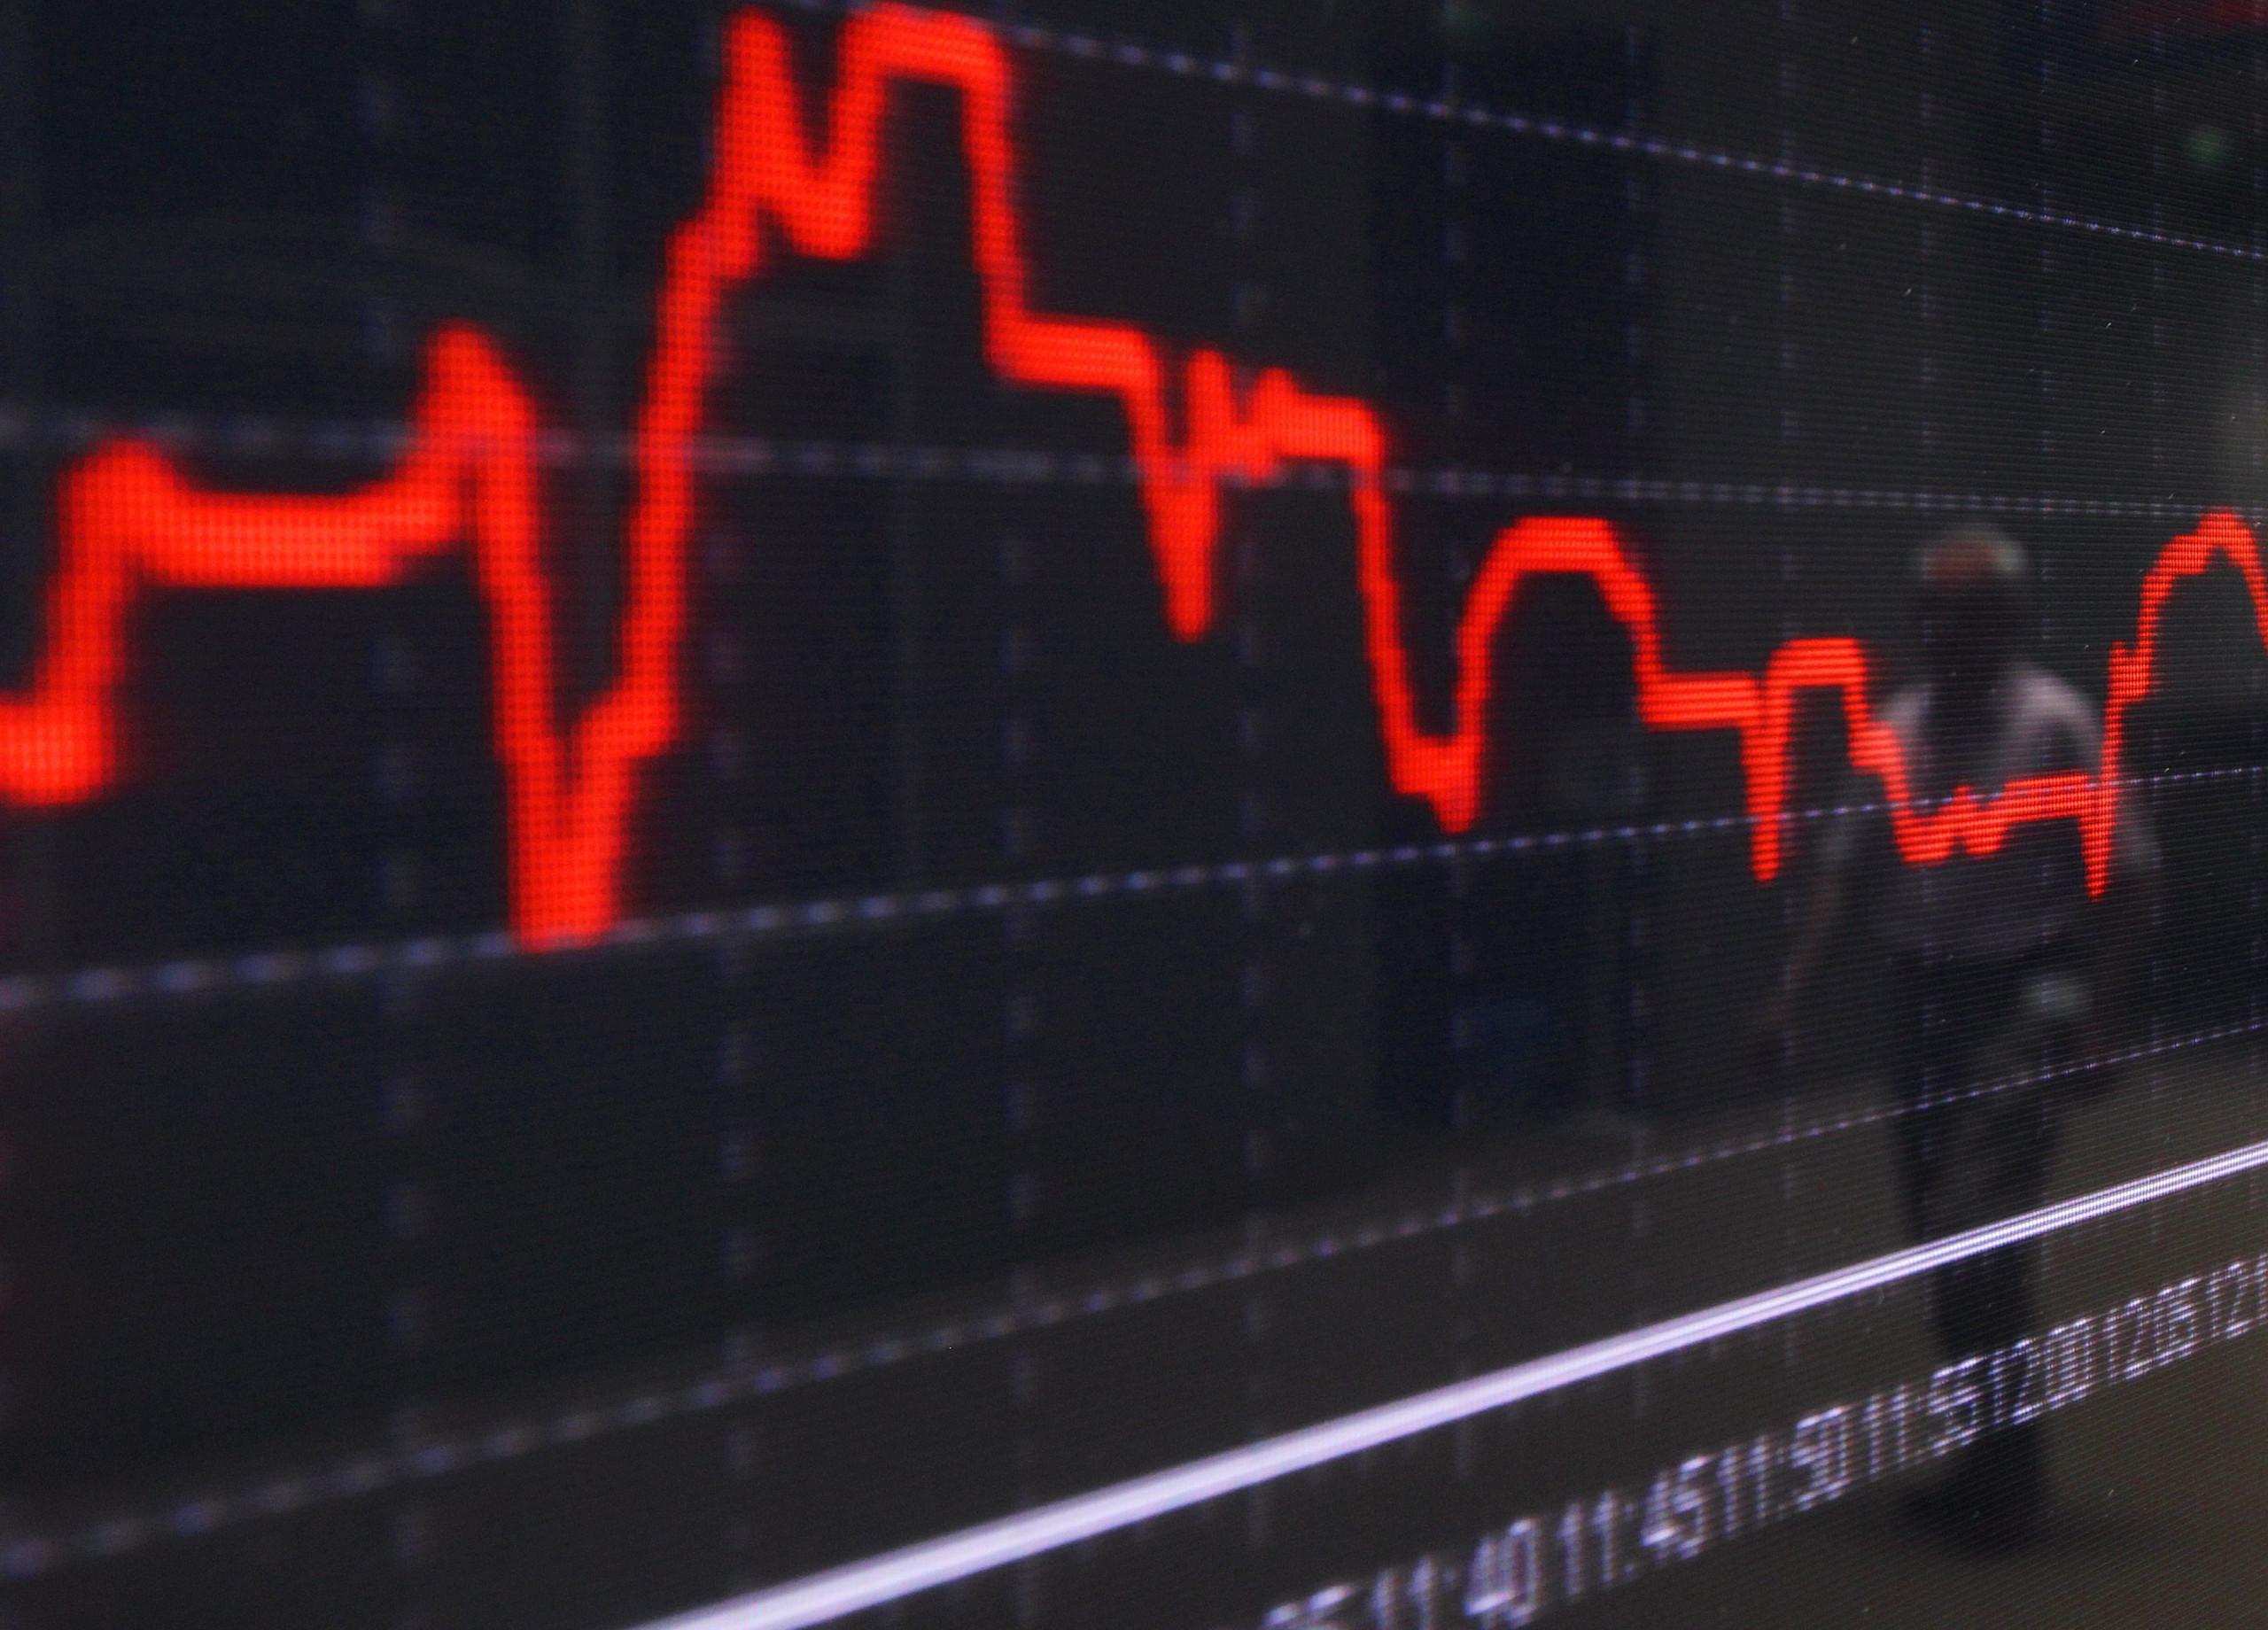 Bolsa de Nova Iorque negoceia em baixa pressionada por resultado da banca